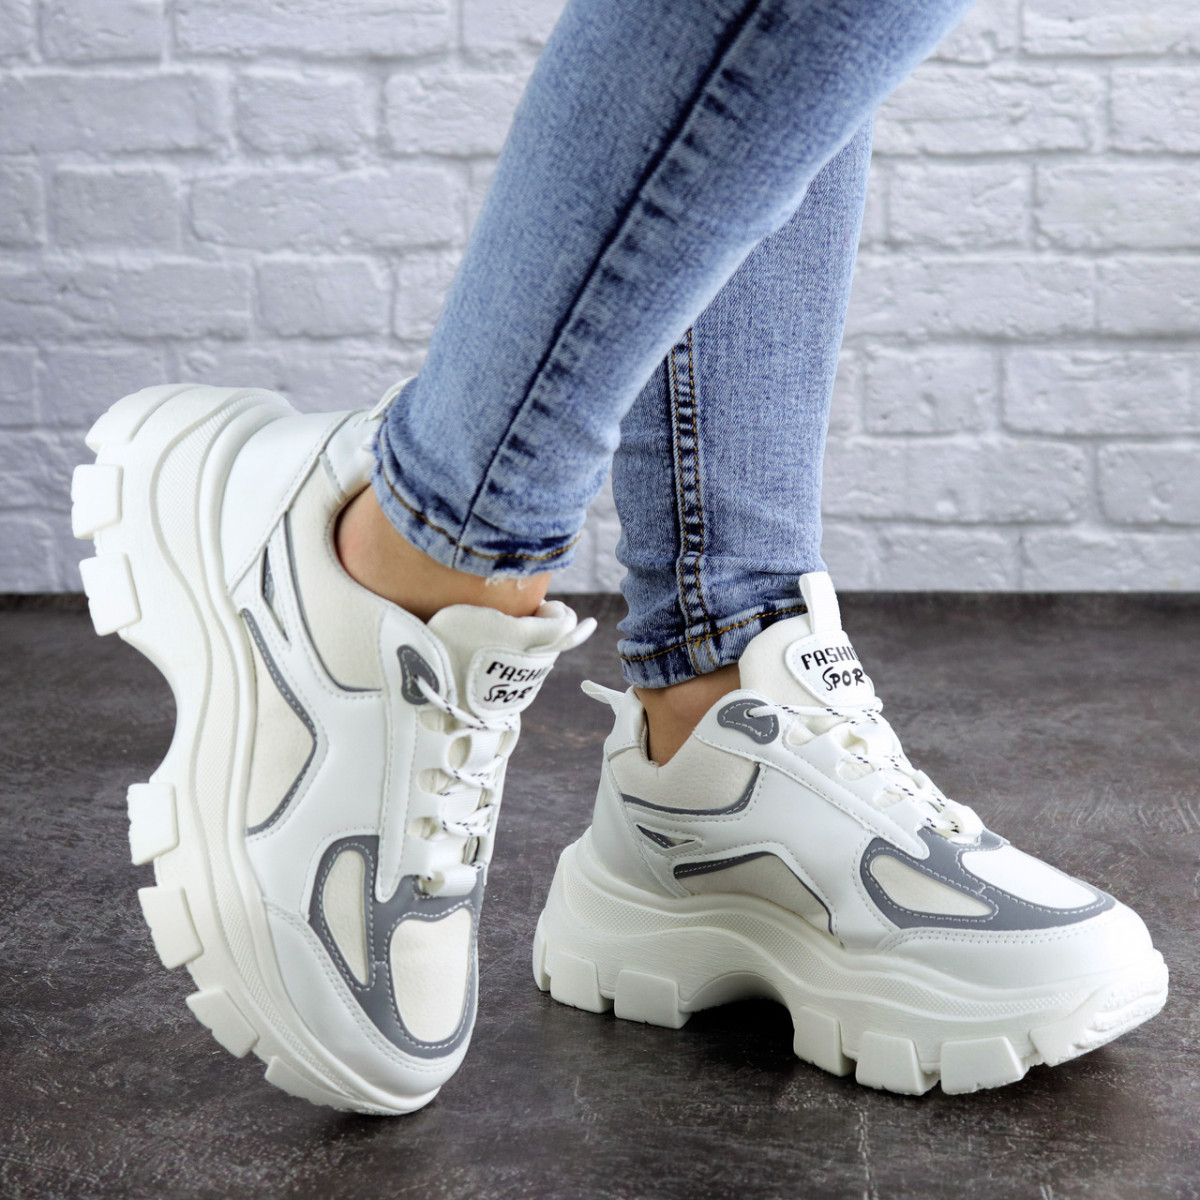 Женские кроссовки Fashion Mateo 2061 36 размер 22,5 см Белый